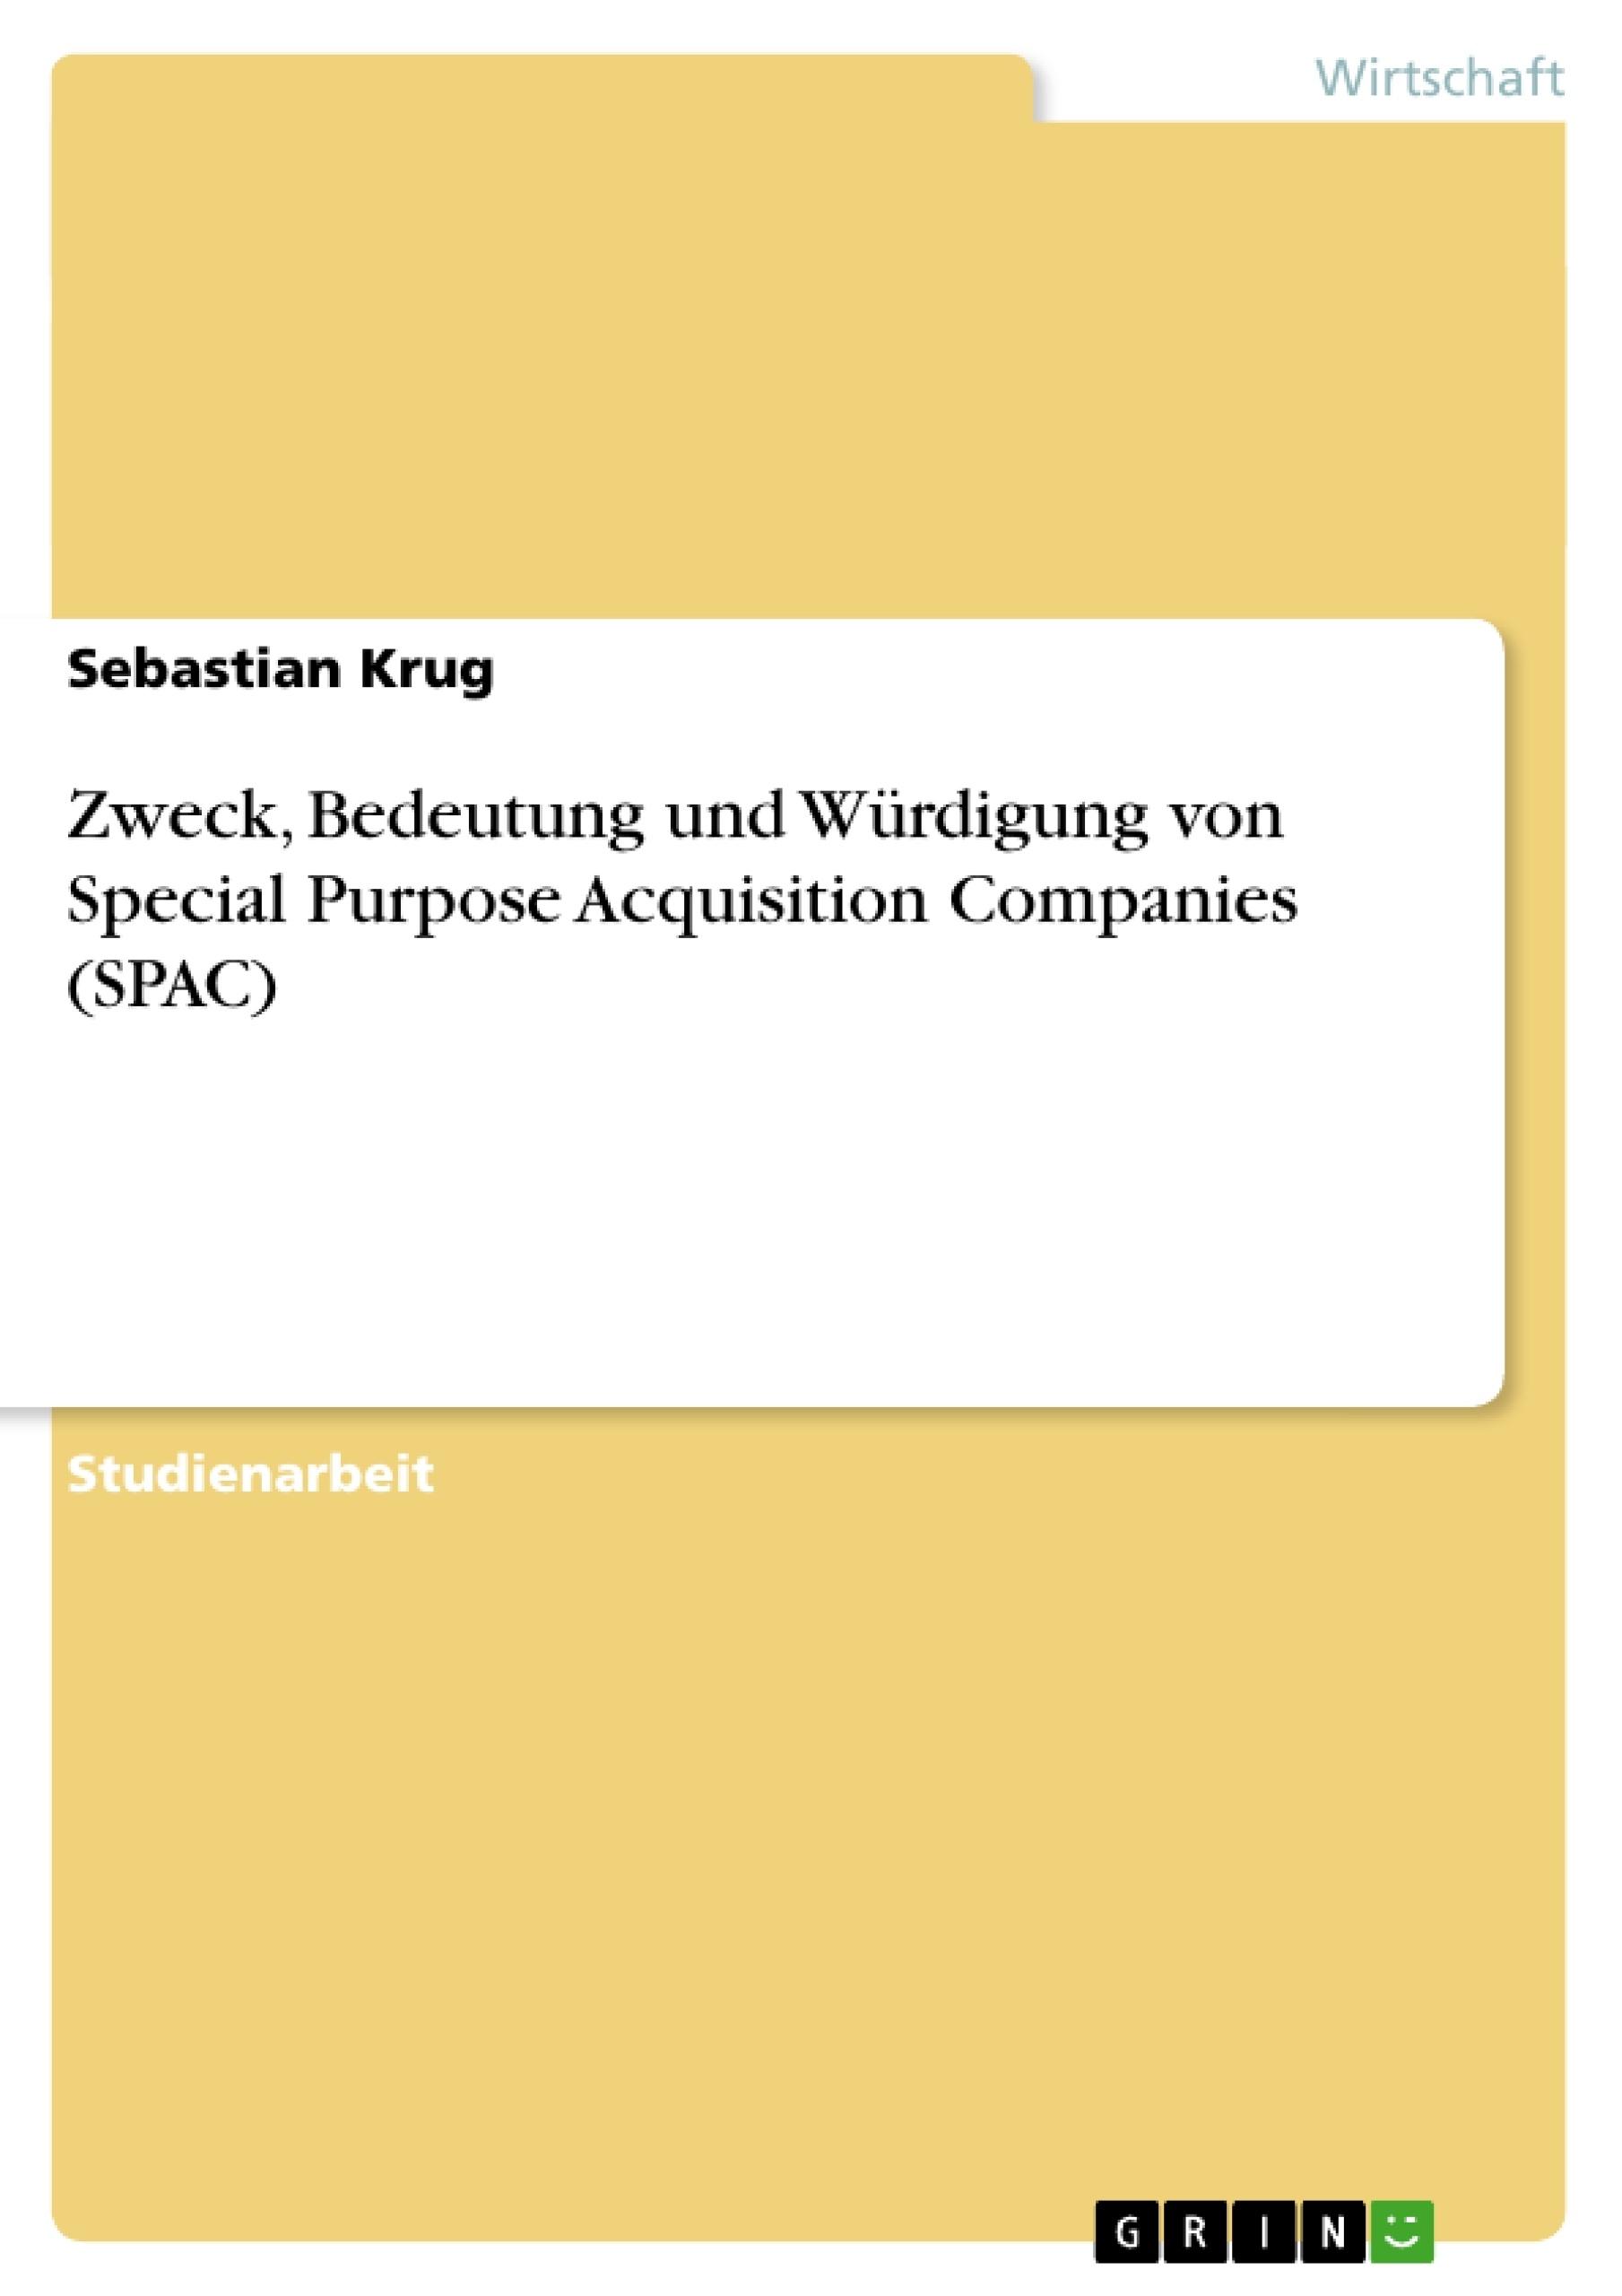 Titel: Zweck, Bedeutung und Würdigung von Special Purpose Acquisition Companies (SPAC)